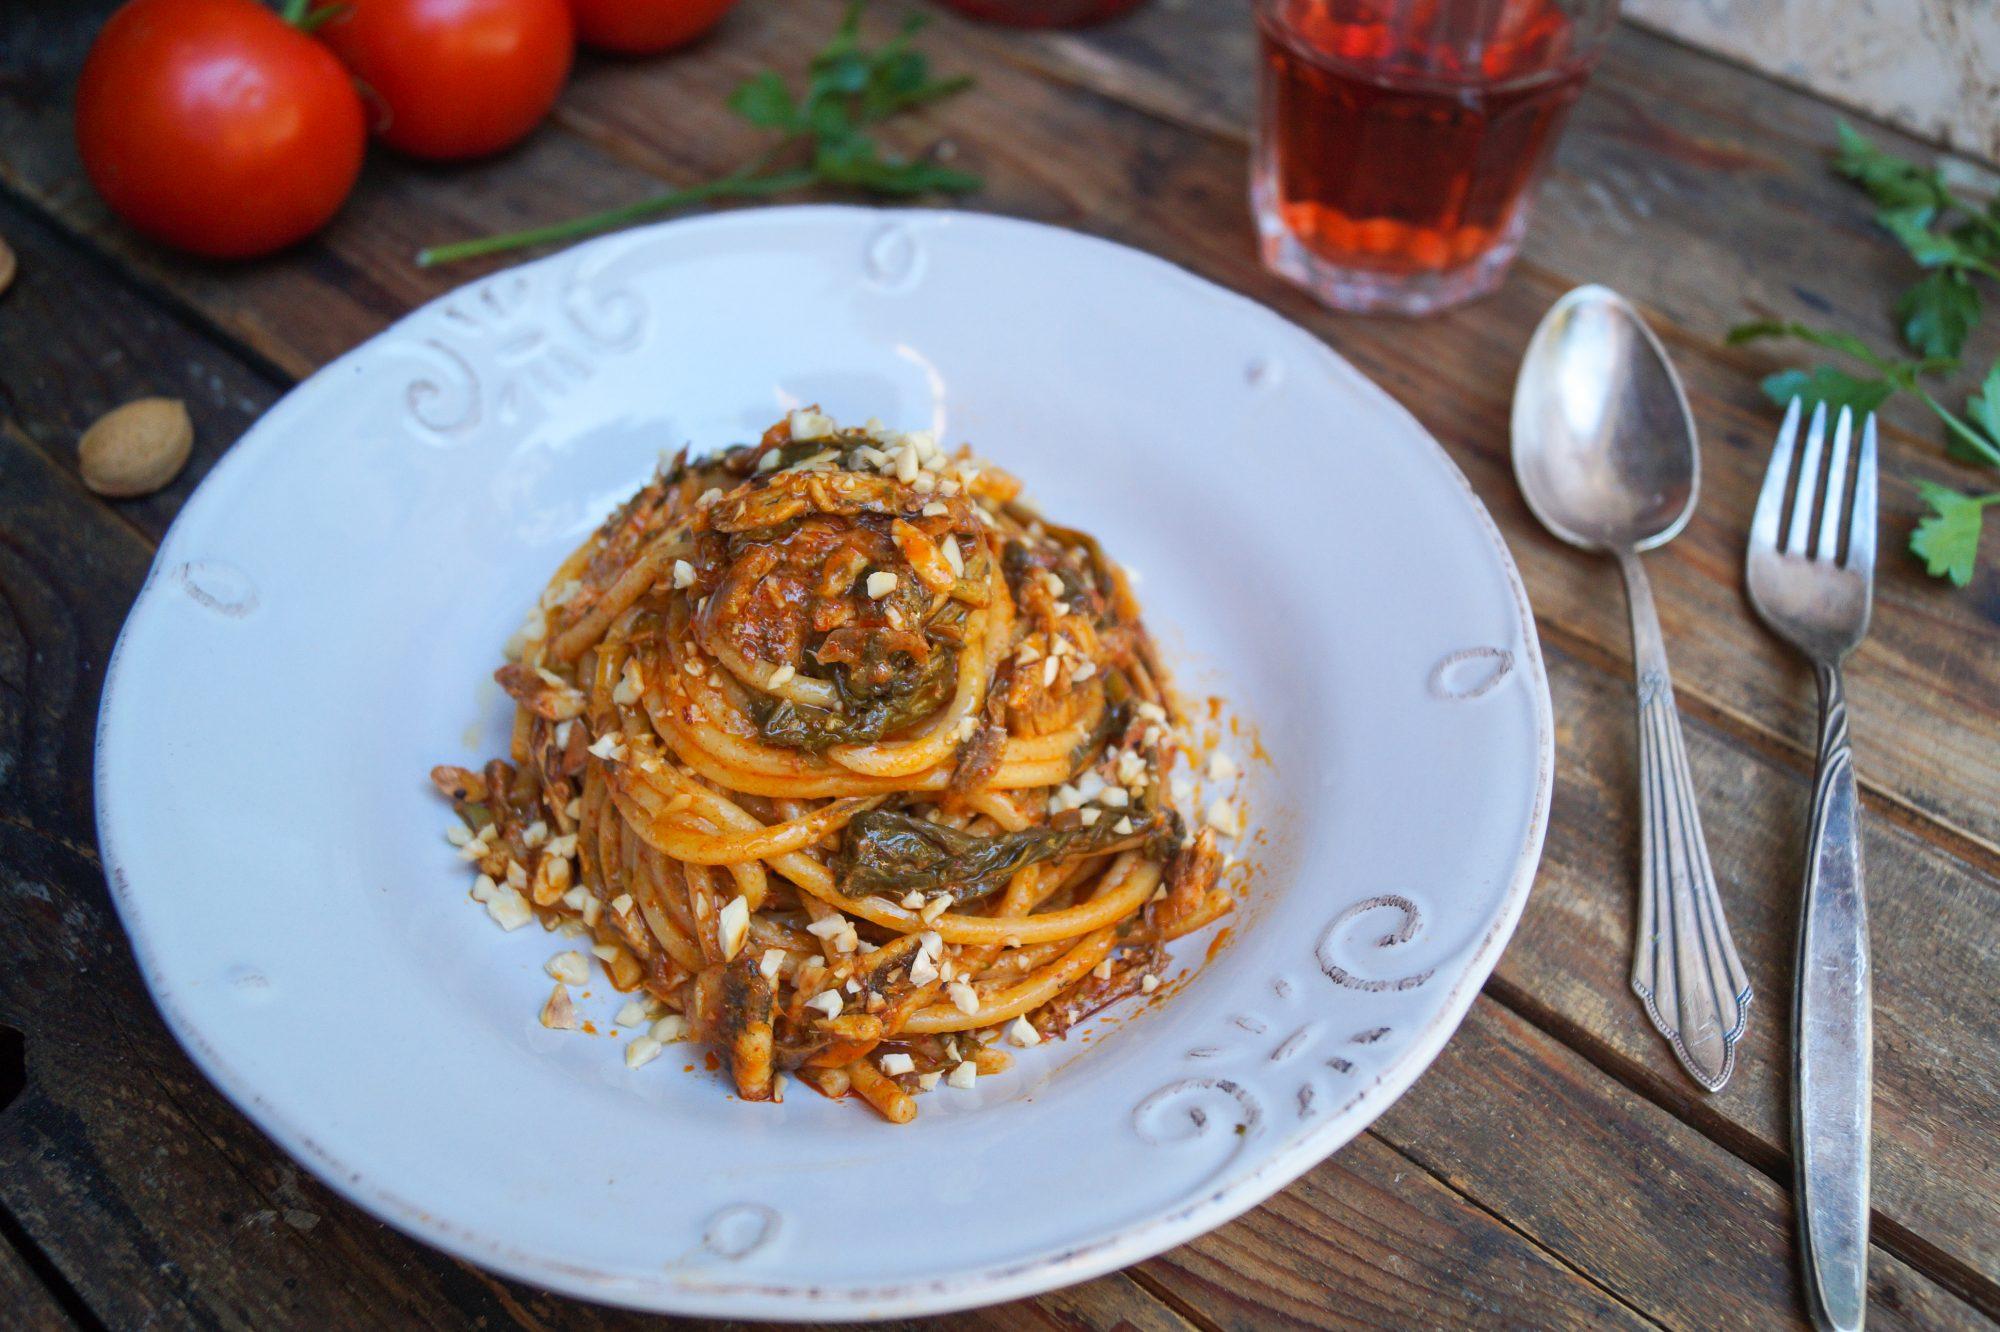 Spaghetti alla chitarra al sugo di sardella e cime di rapa